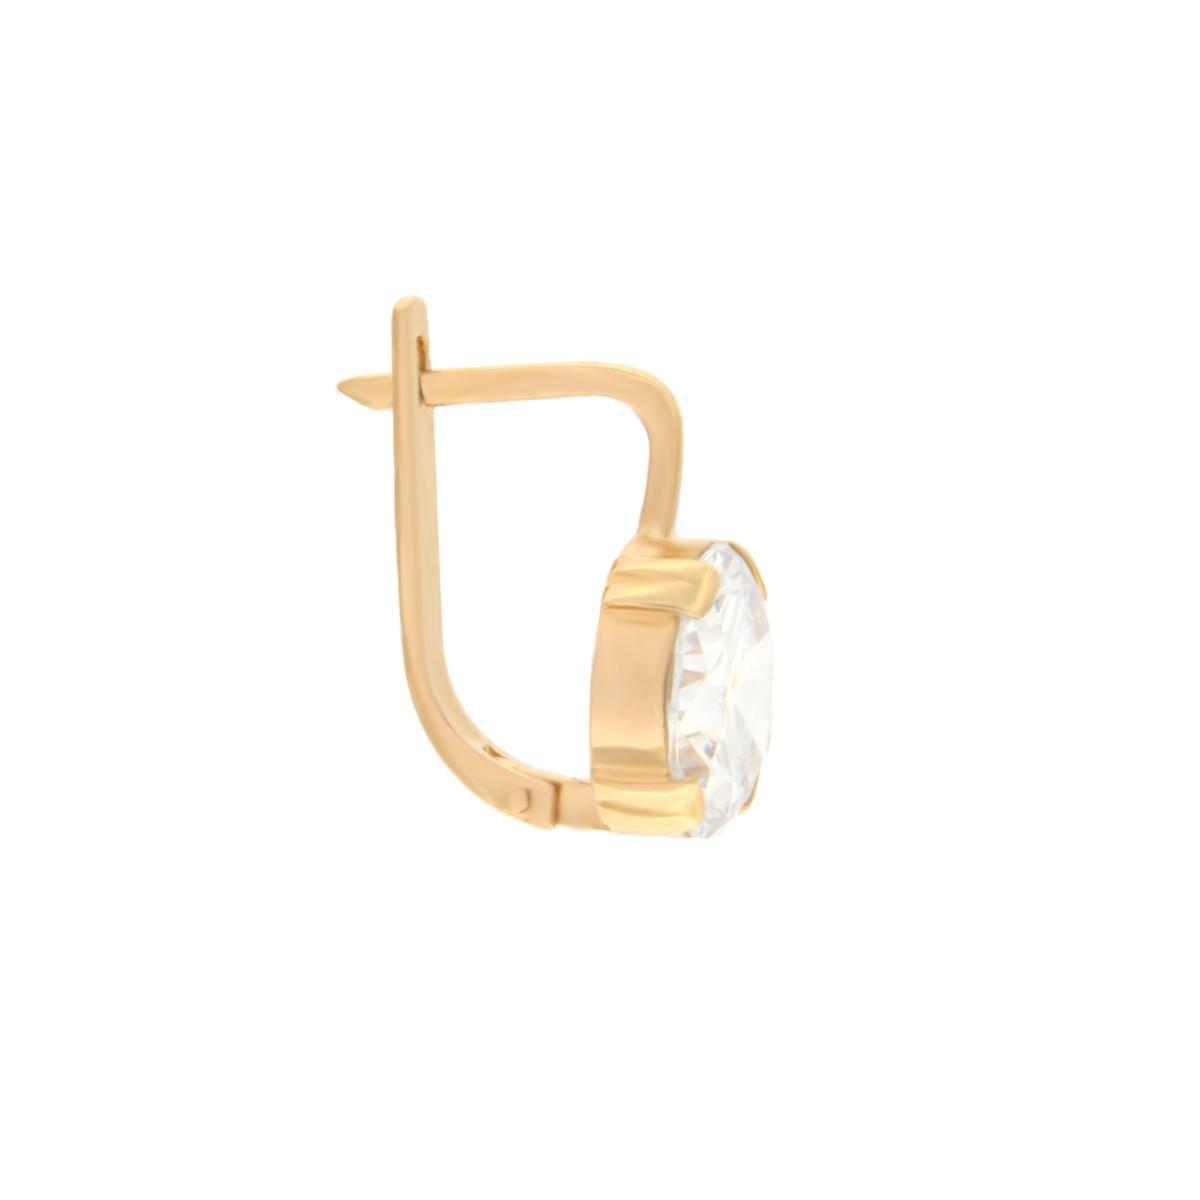 Kullast kõrvarõngad tsirkoonidega Kood: er0136-i-valge